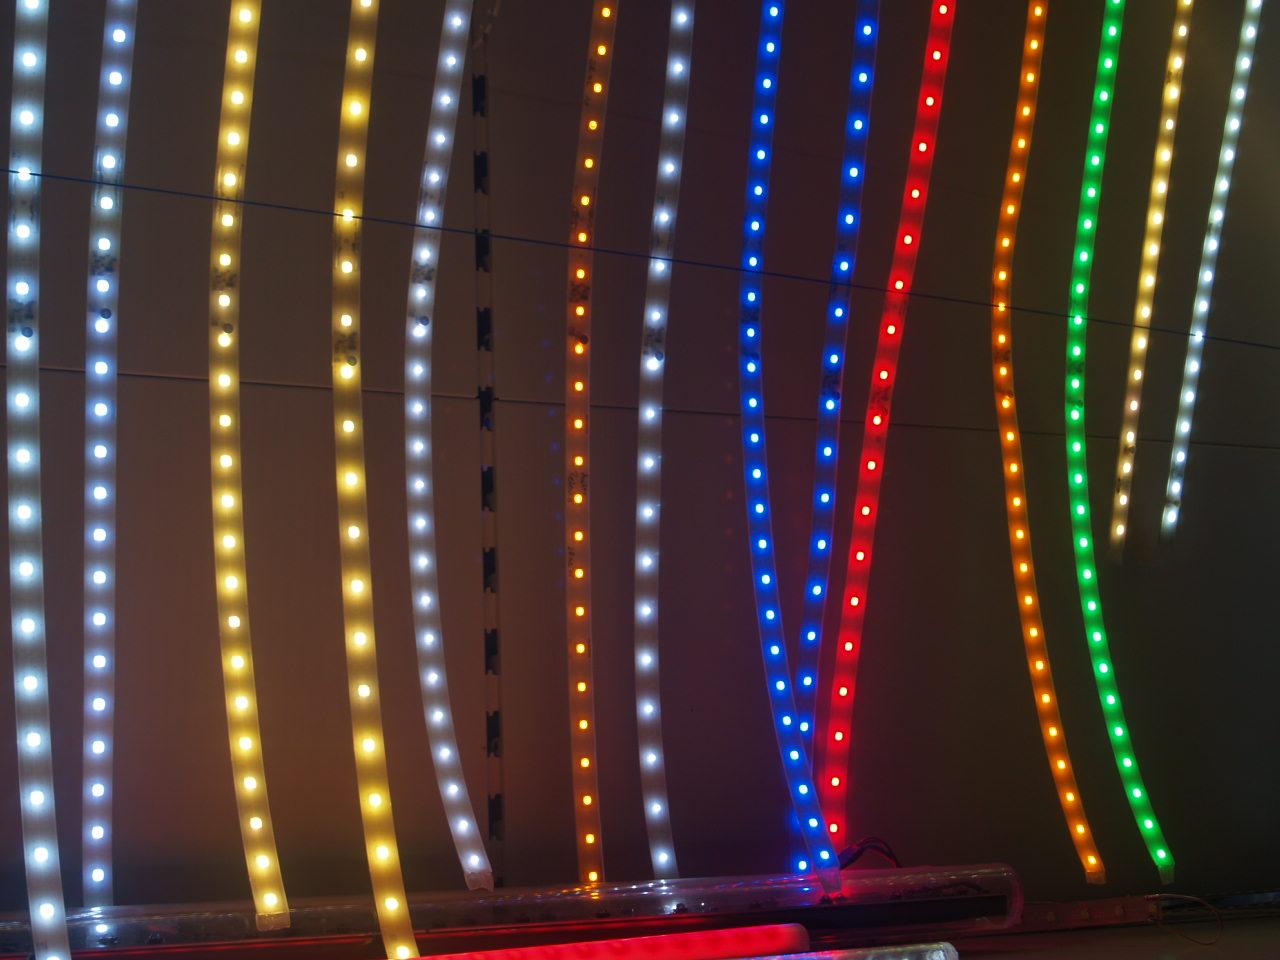 Led Beleuchtungen Malerei : Beleuchtungssysteme escatronic gmbh